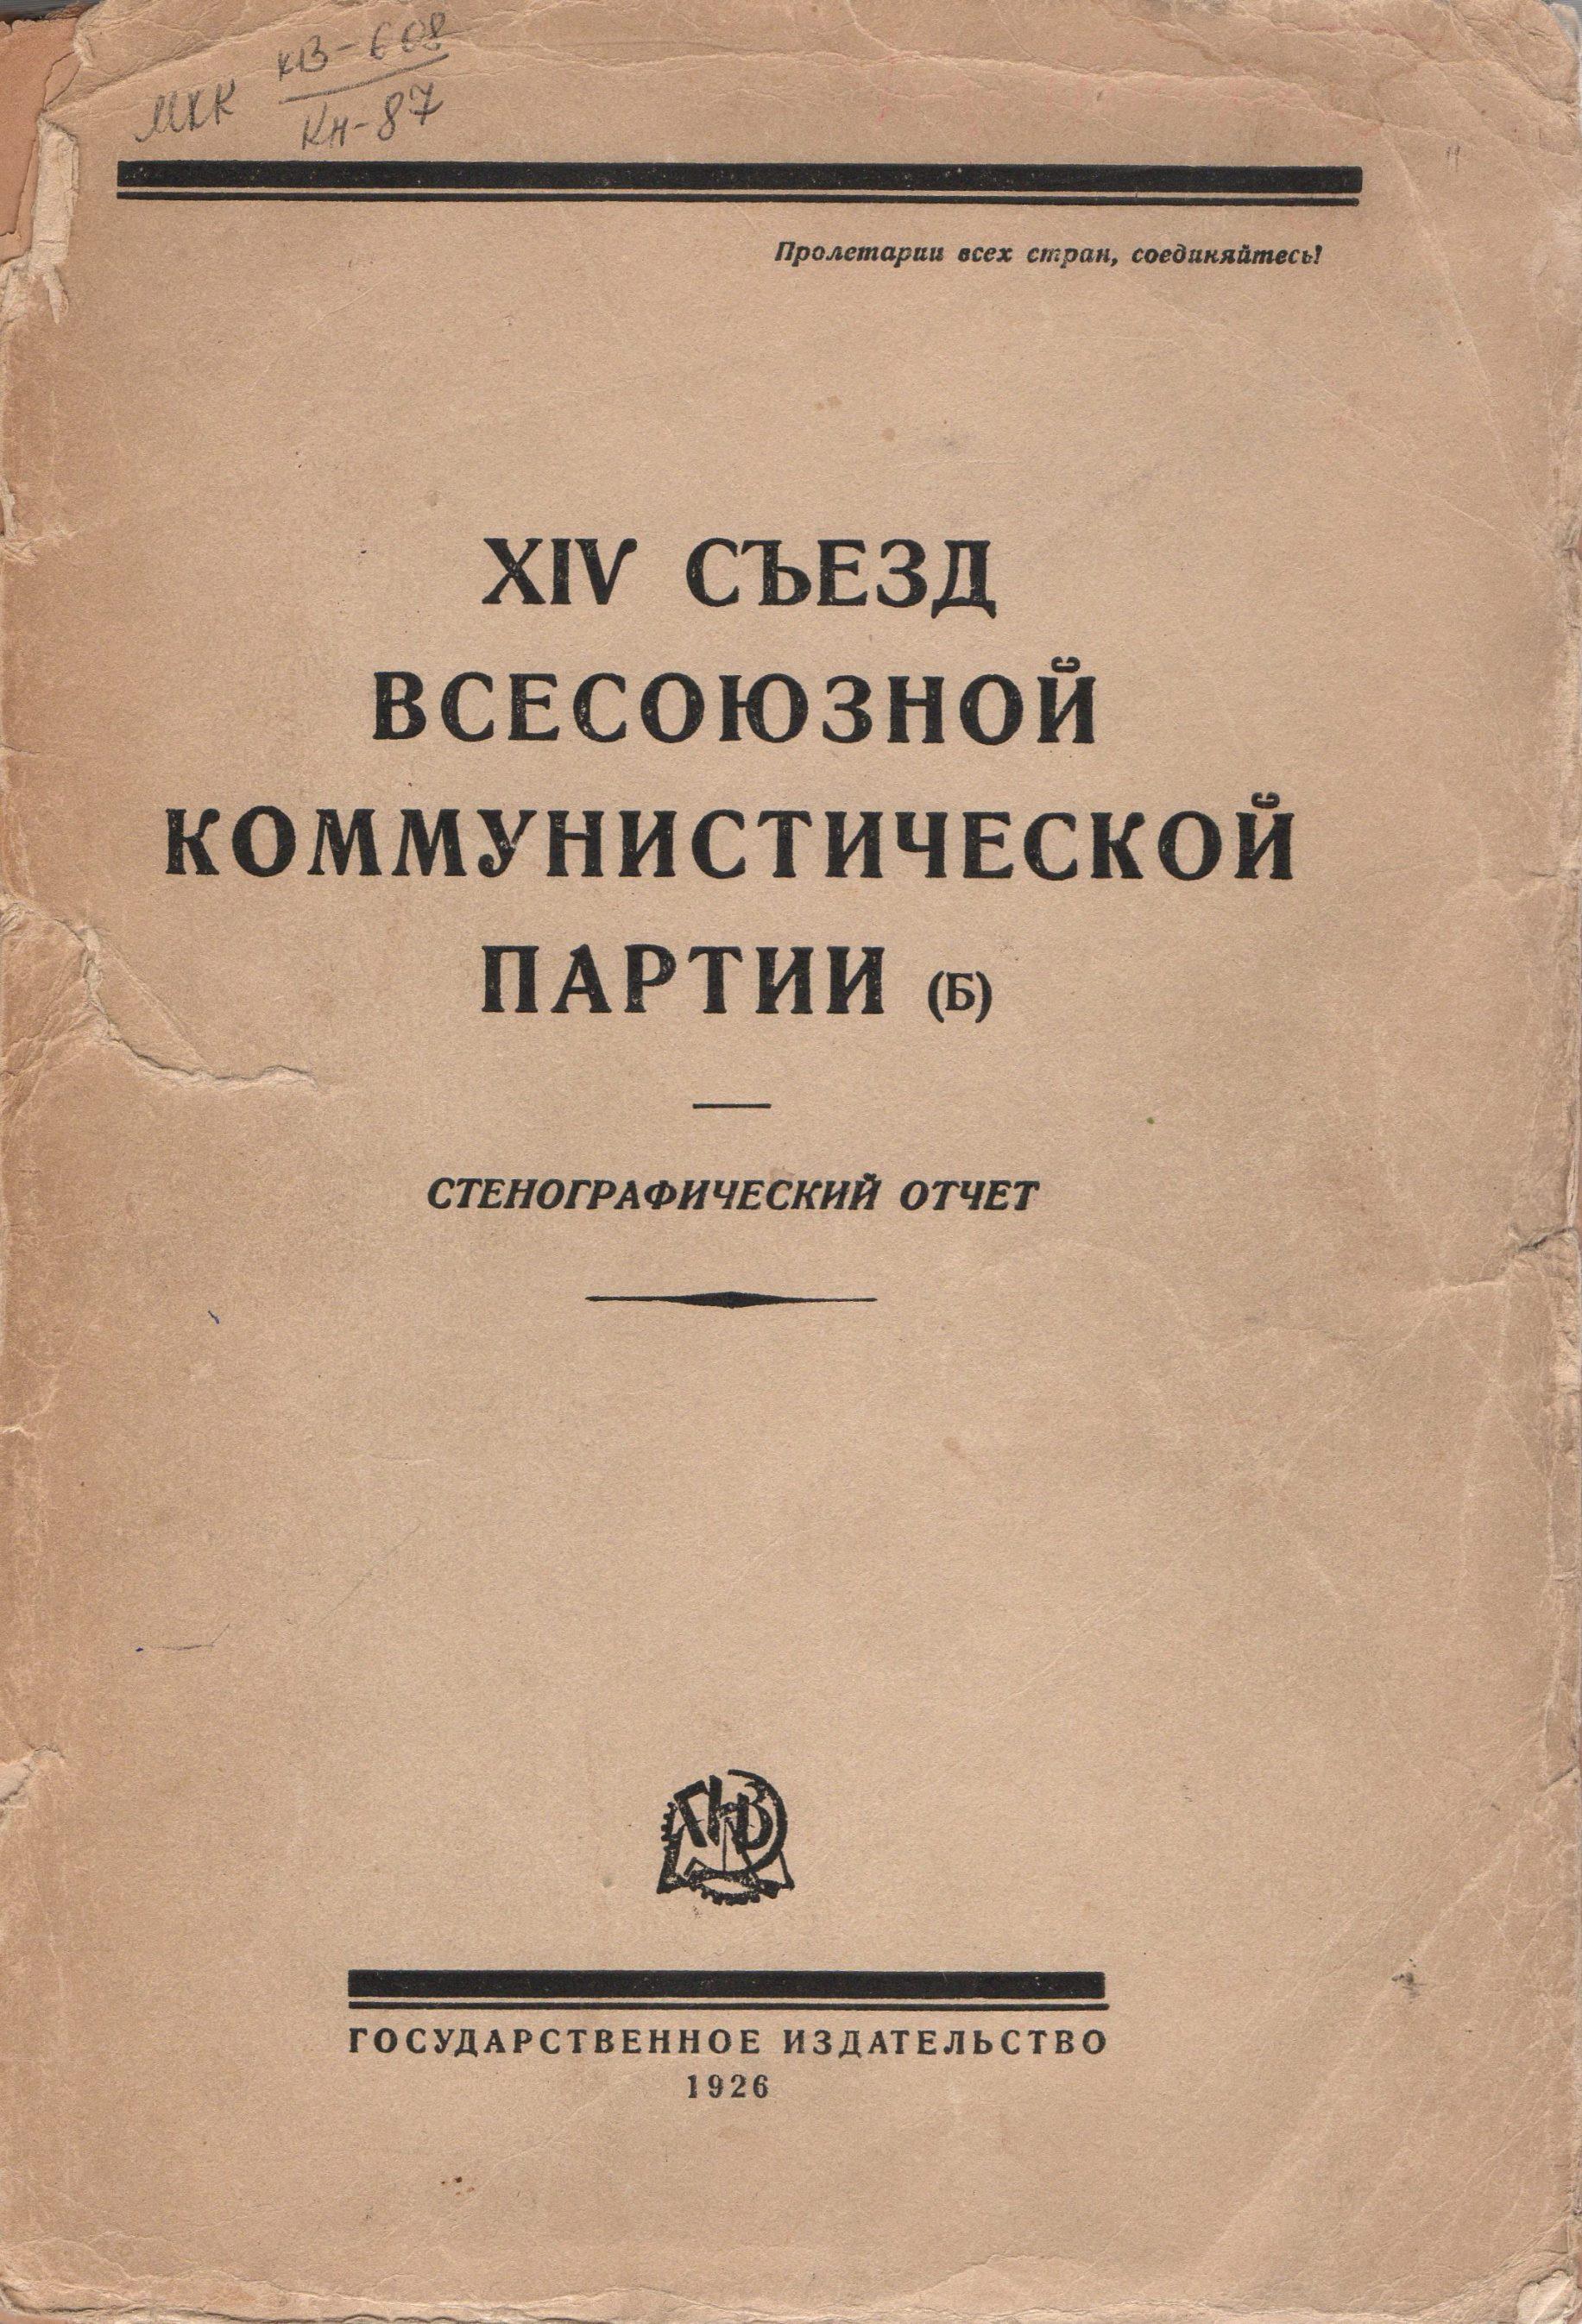 """Книга """"XІV съезд Всесоюзной коммунистической партии (б). 18-31 декабря 1925 г. Стенографический отчет""""."""